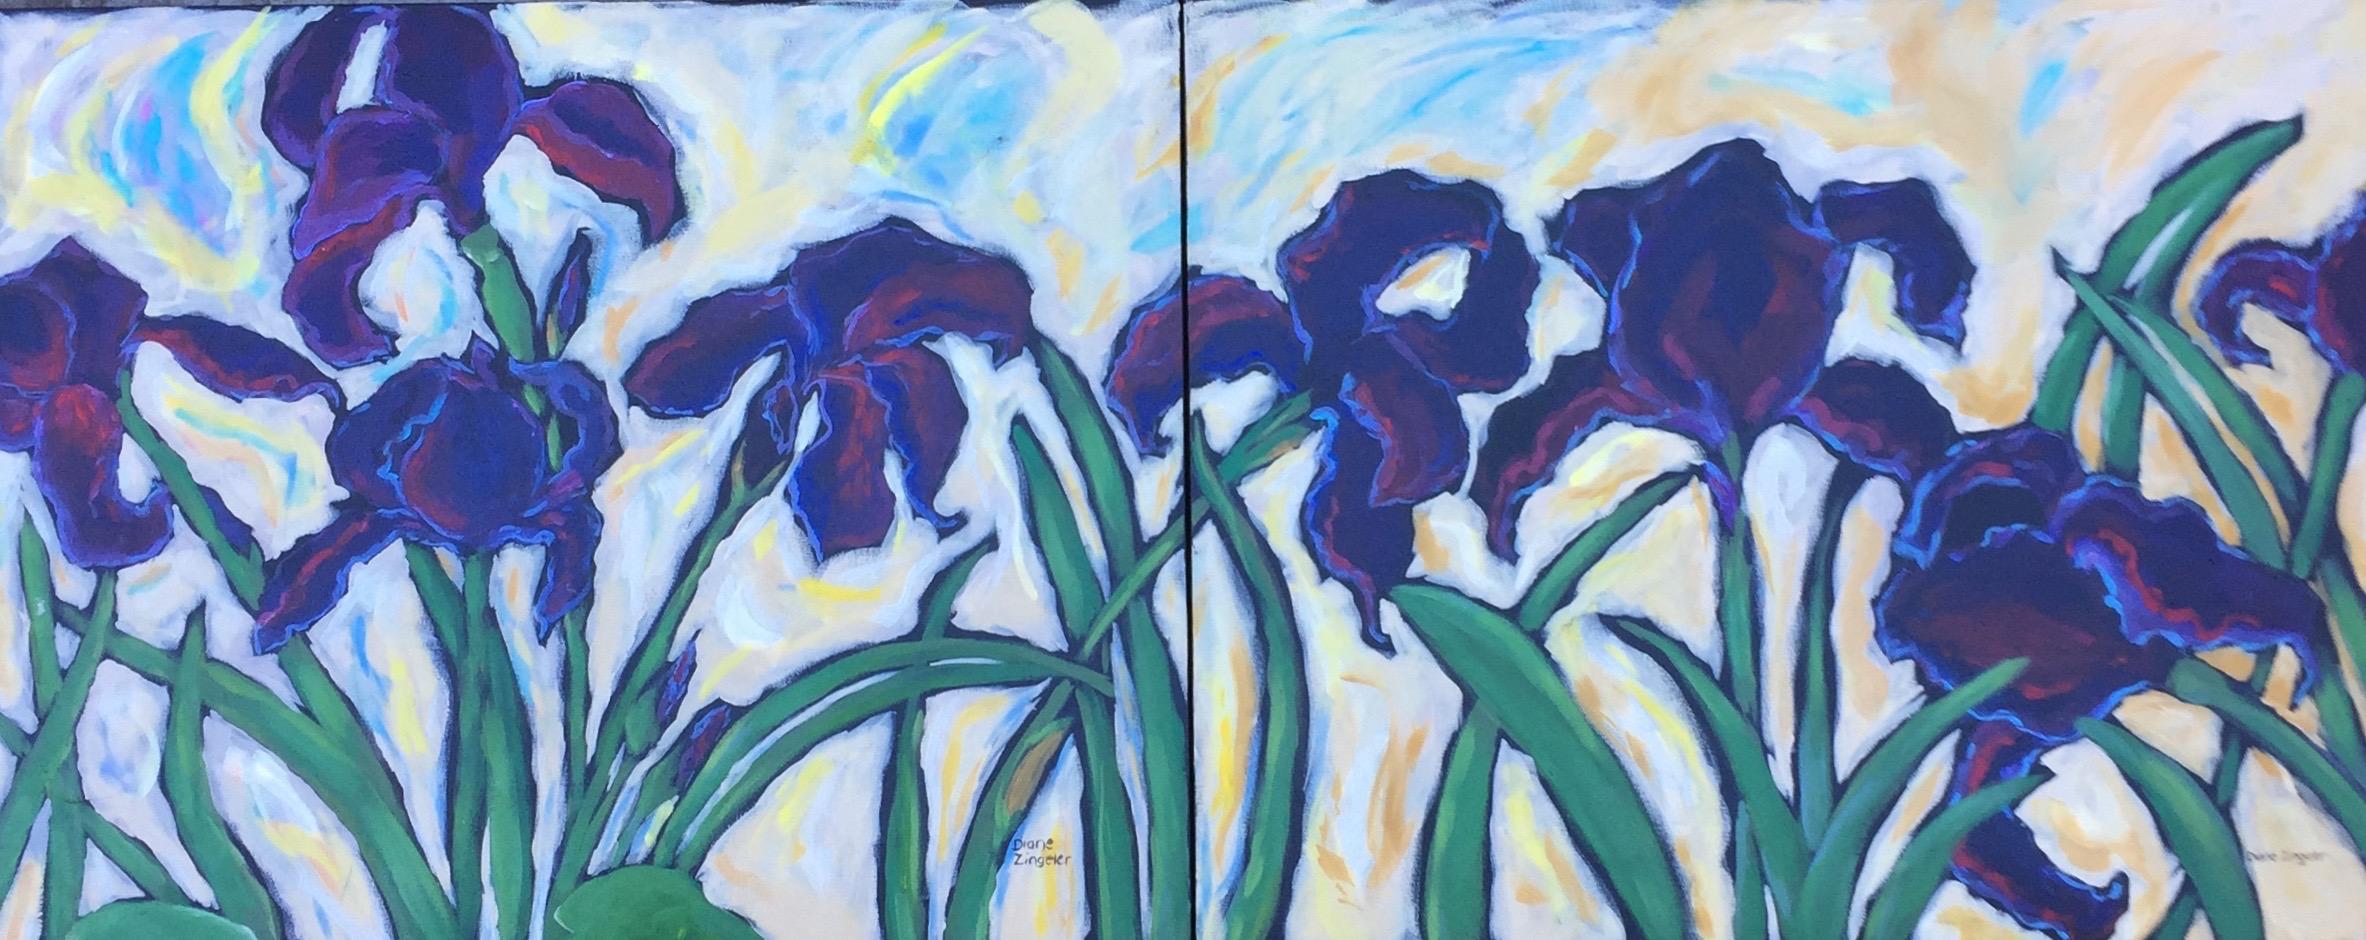 Beautiful Stillness - one of two - 60'' W x 24'' H - Acrylic